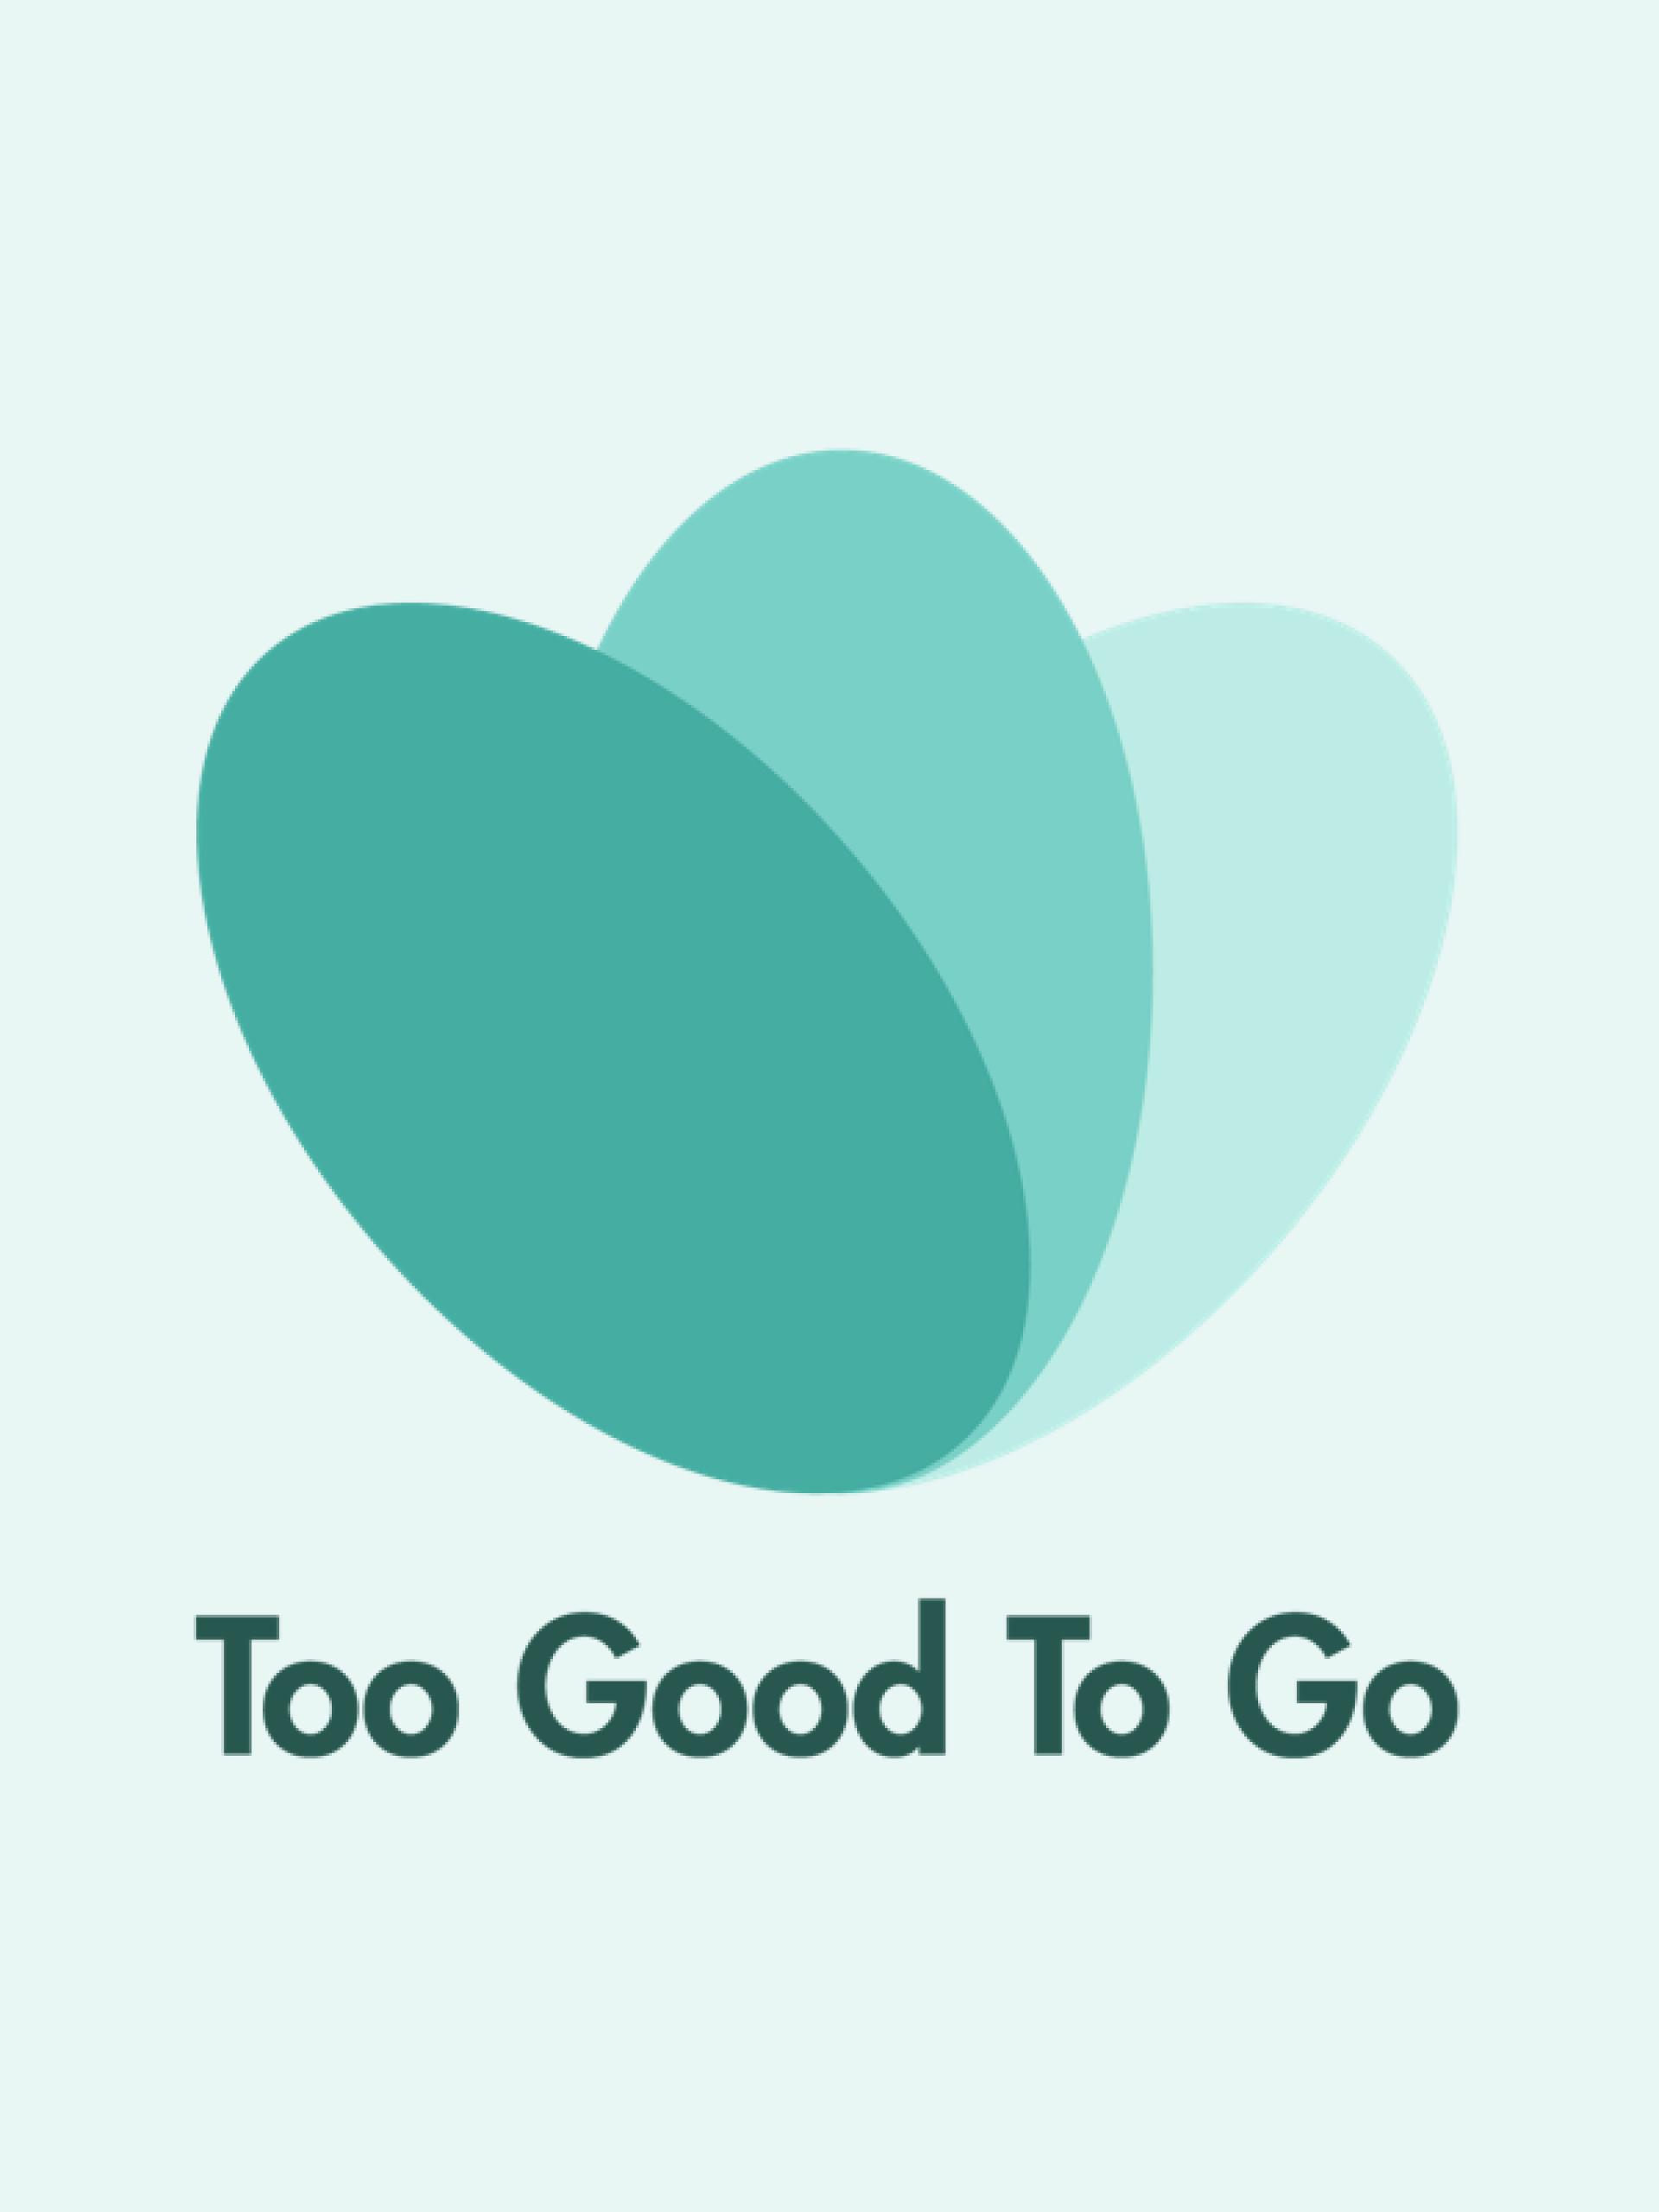 toogoodtogo-logo-GENERAL